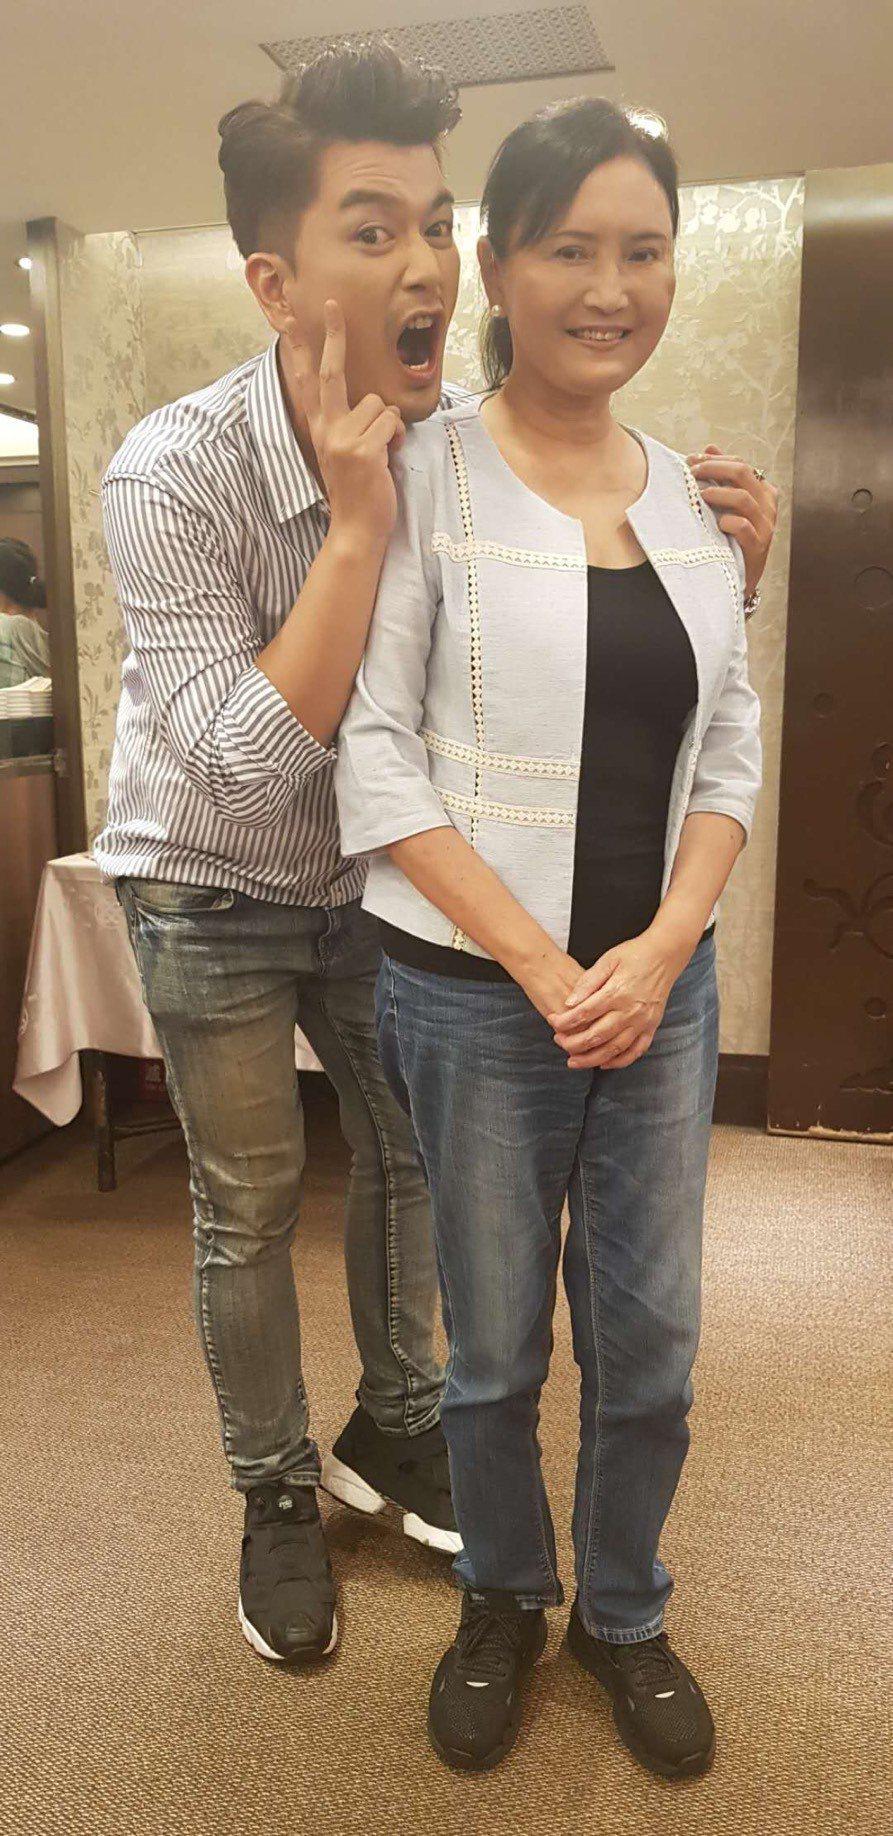 馬惠珍(右)和潘逸安在戲中飾演母子。圖/艾迪昇傳播提供